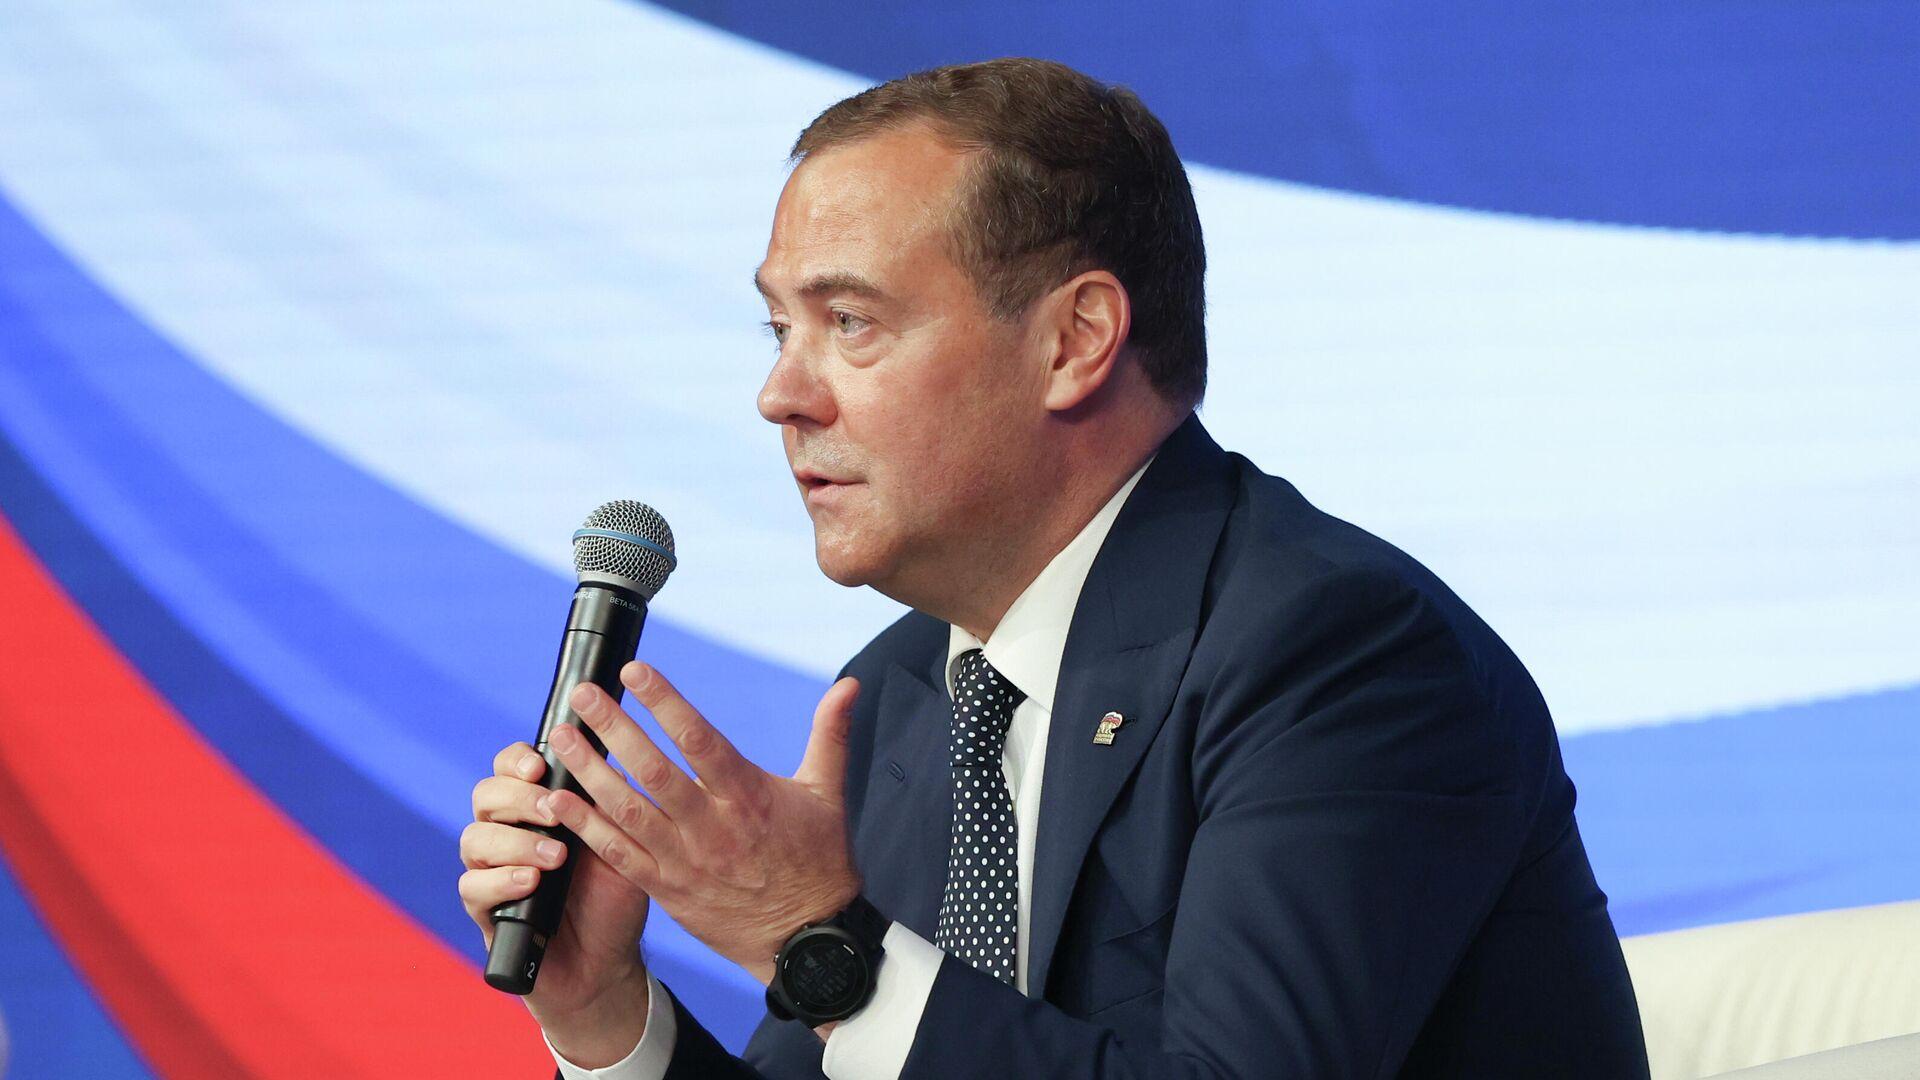 Россия заняла прочные позиции для развития, заявил Медведев